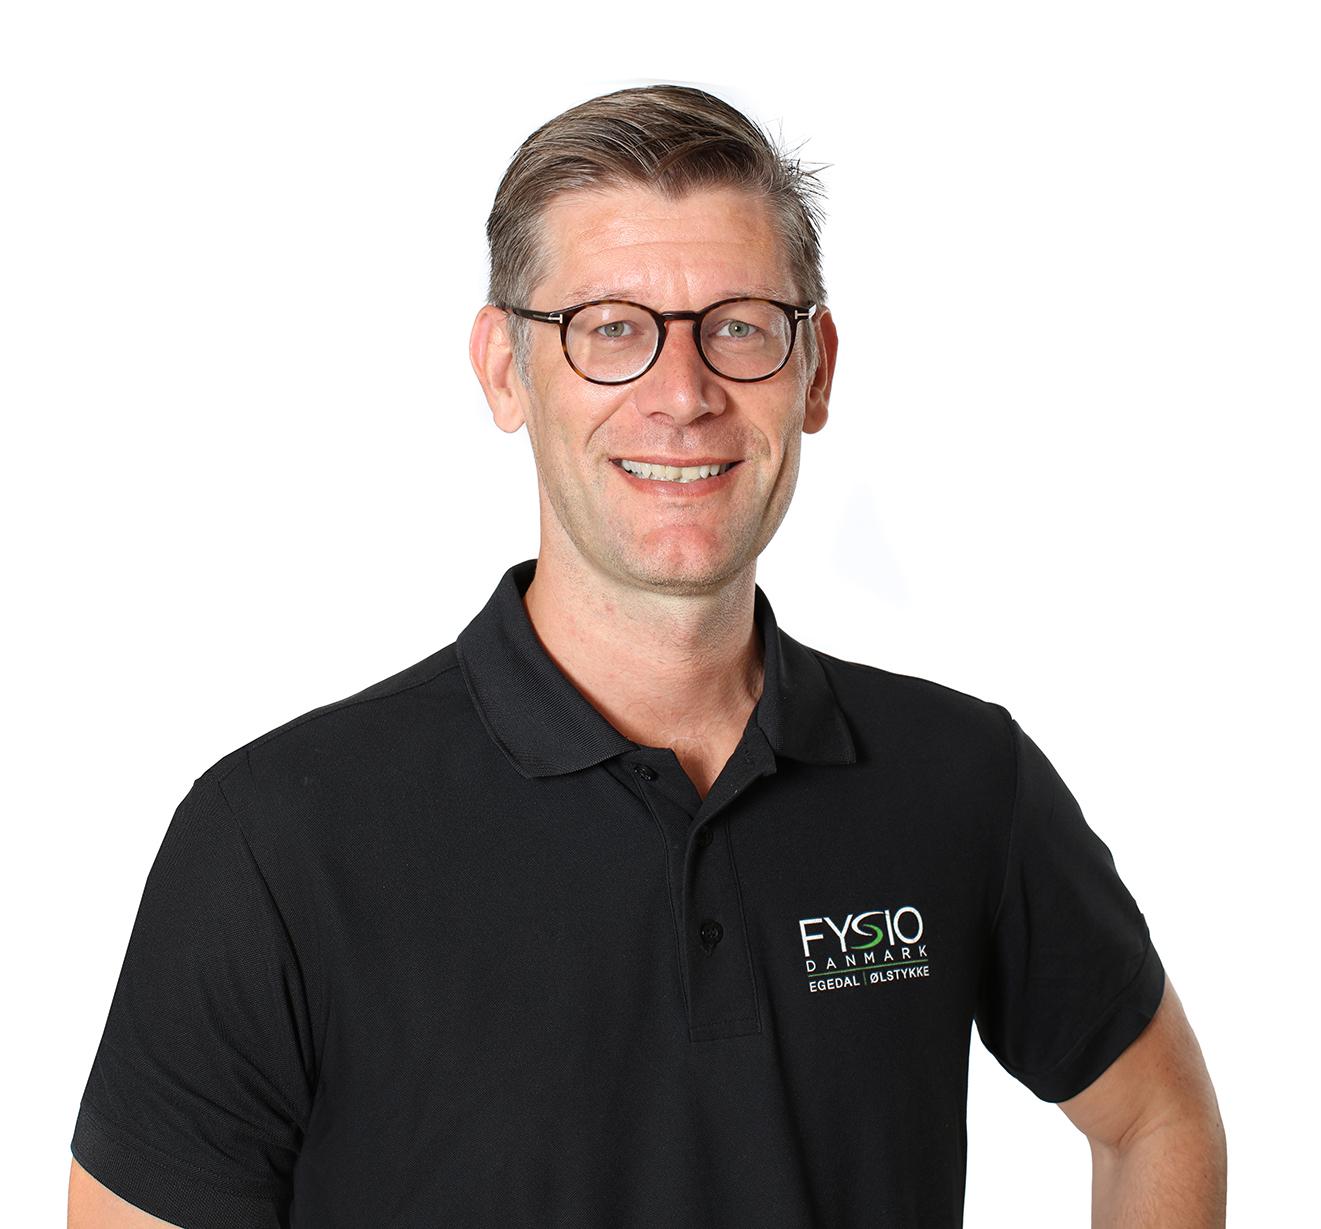 Mads Hyldgaard